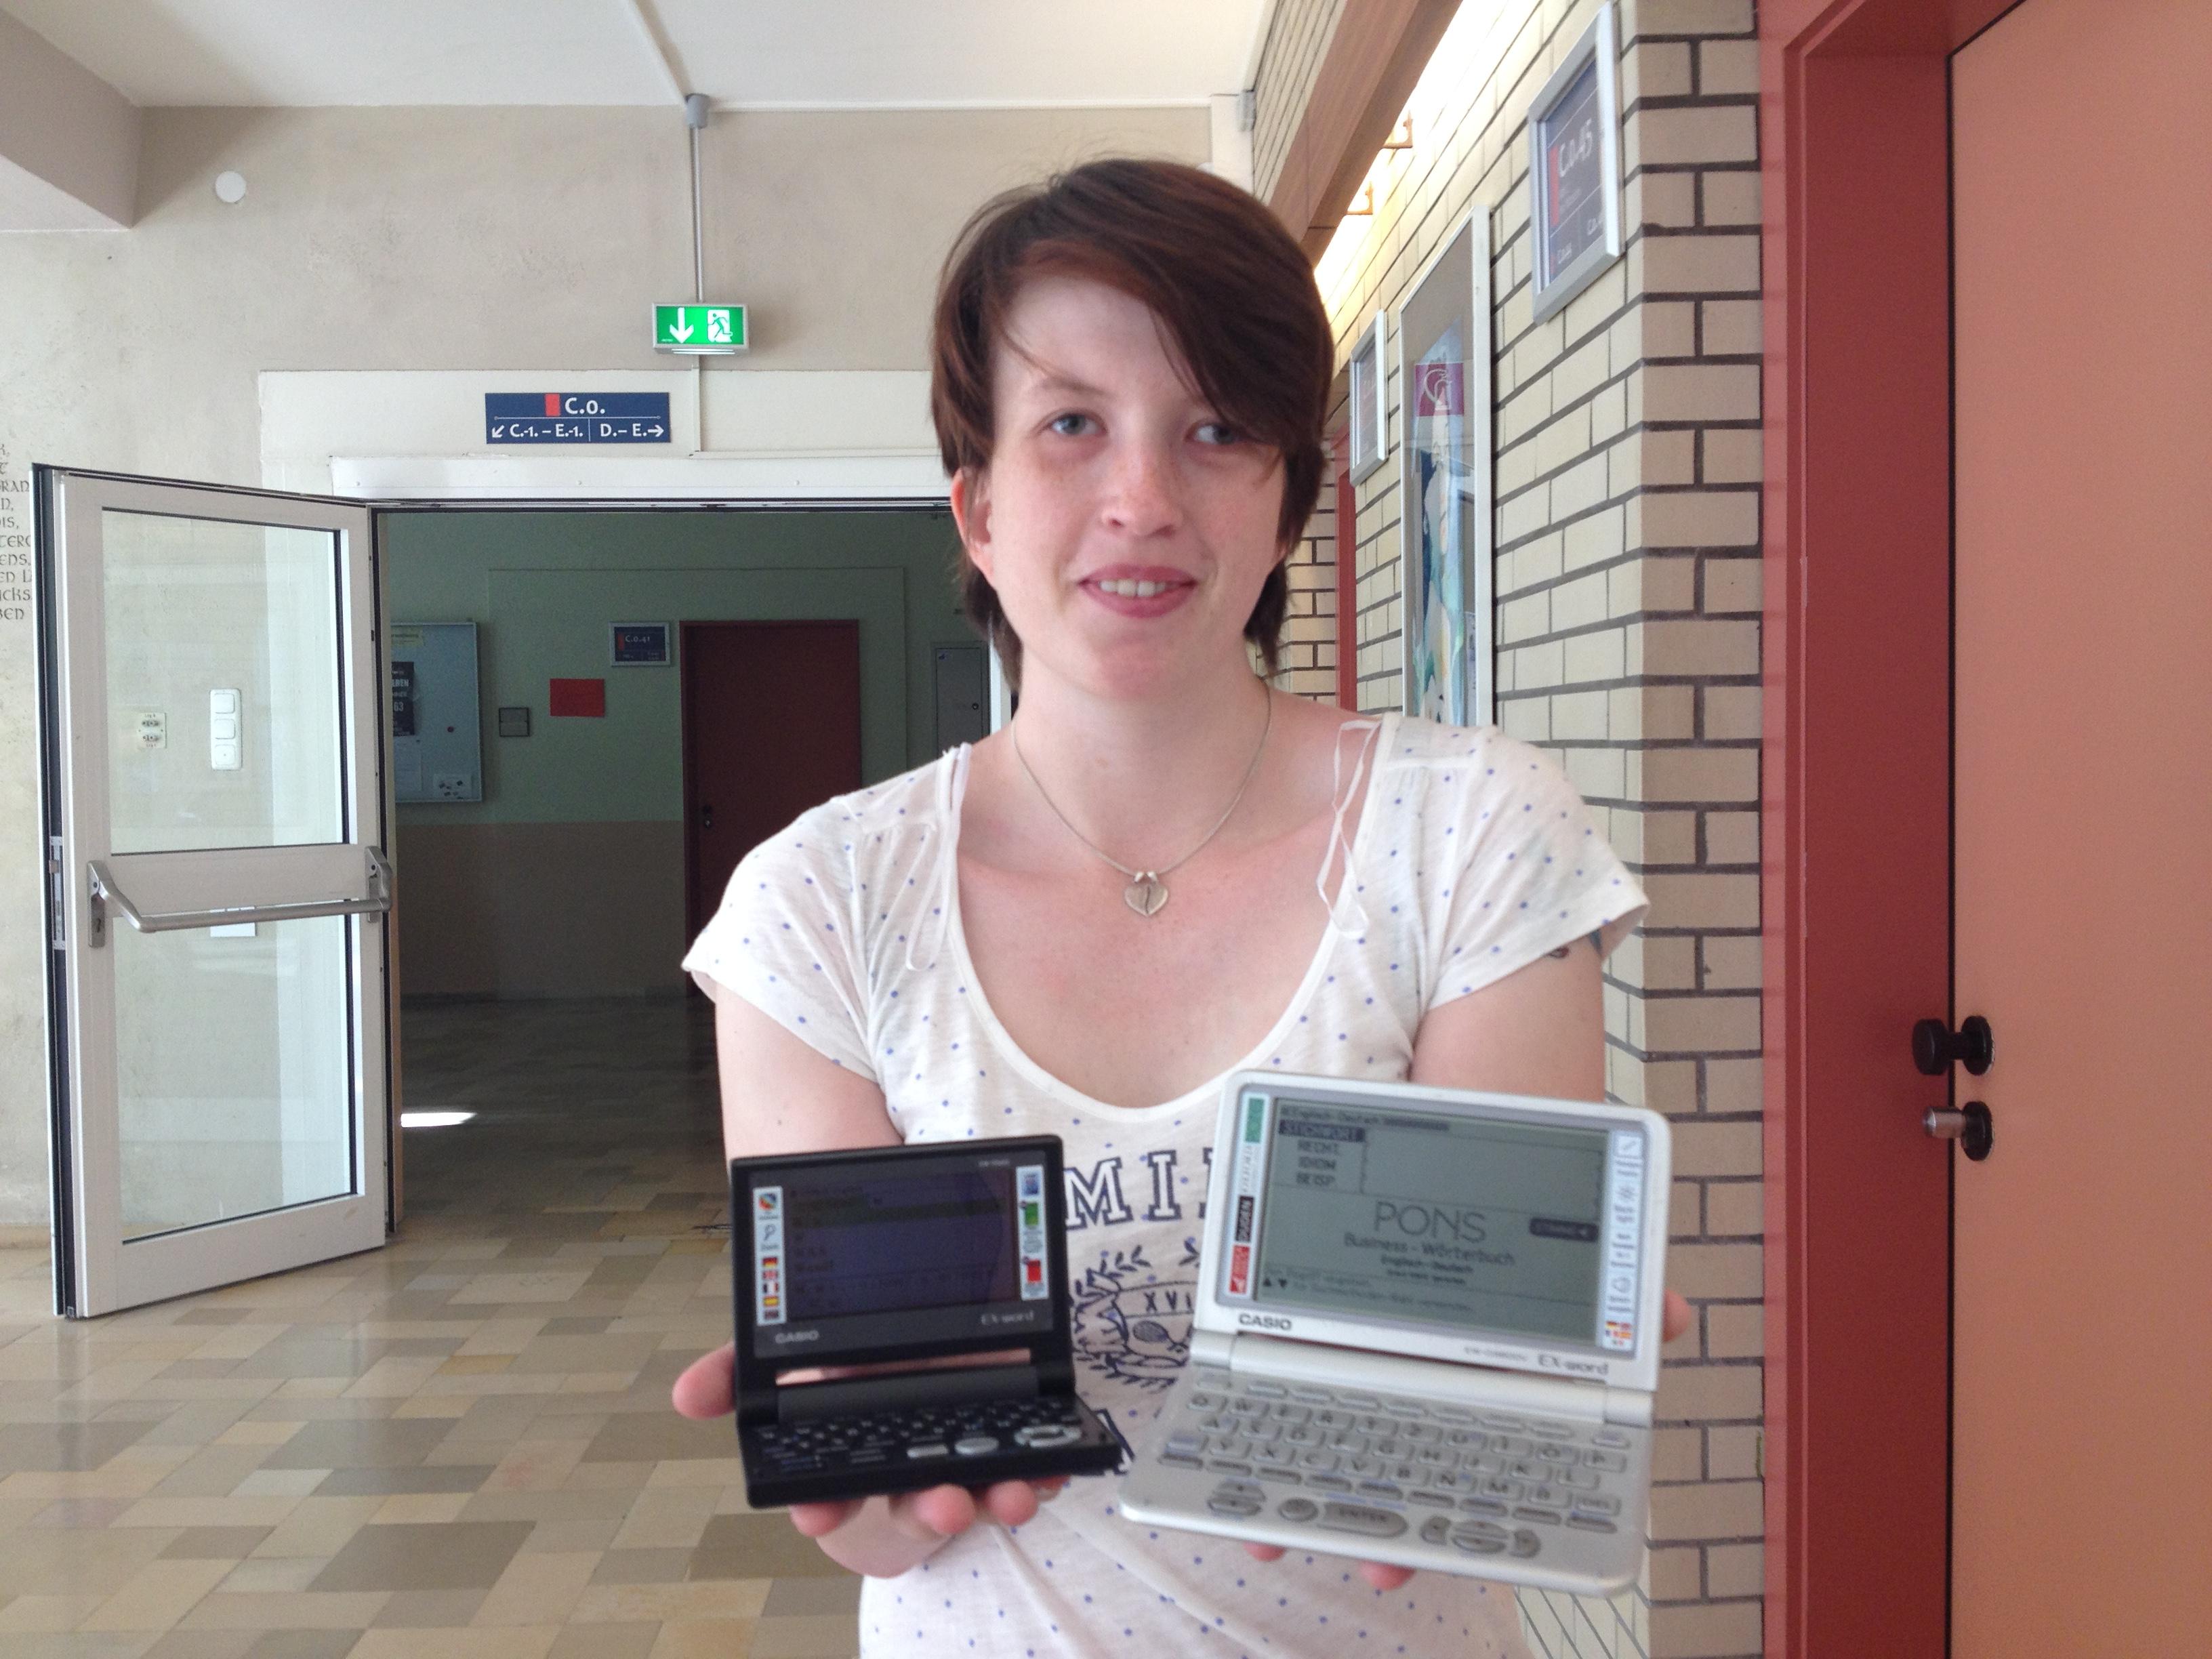 FOTO Anna mit 2 E-Wörterbüchern in der Berufsschule